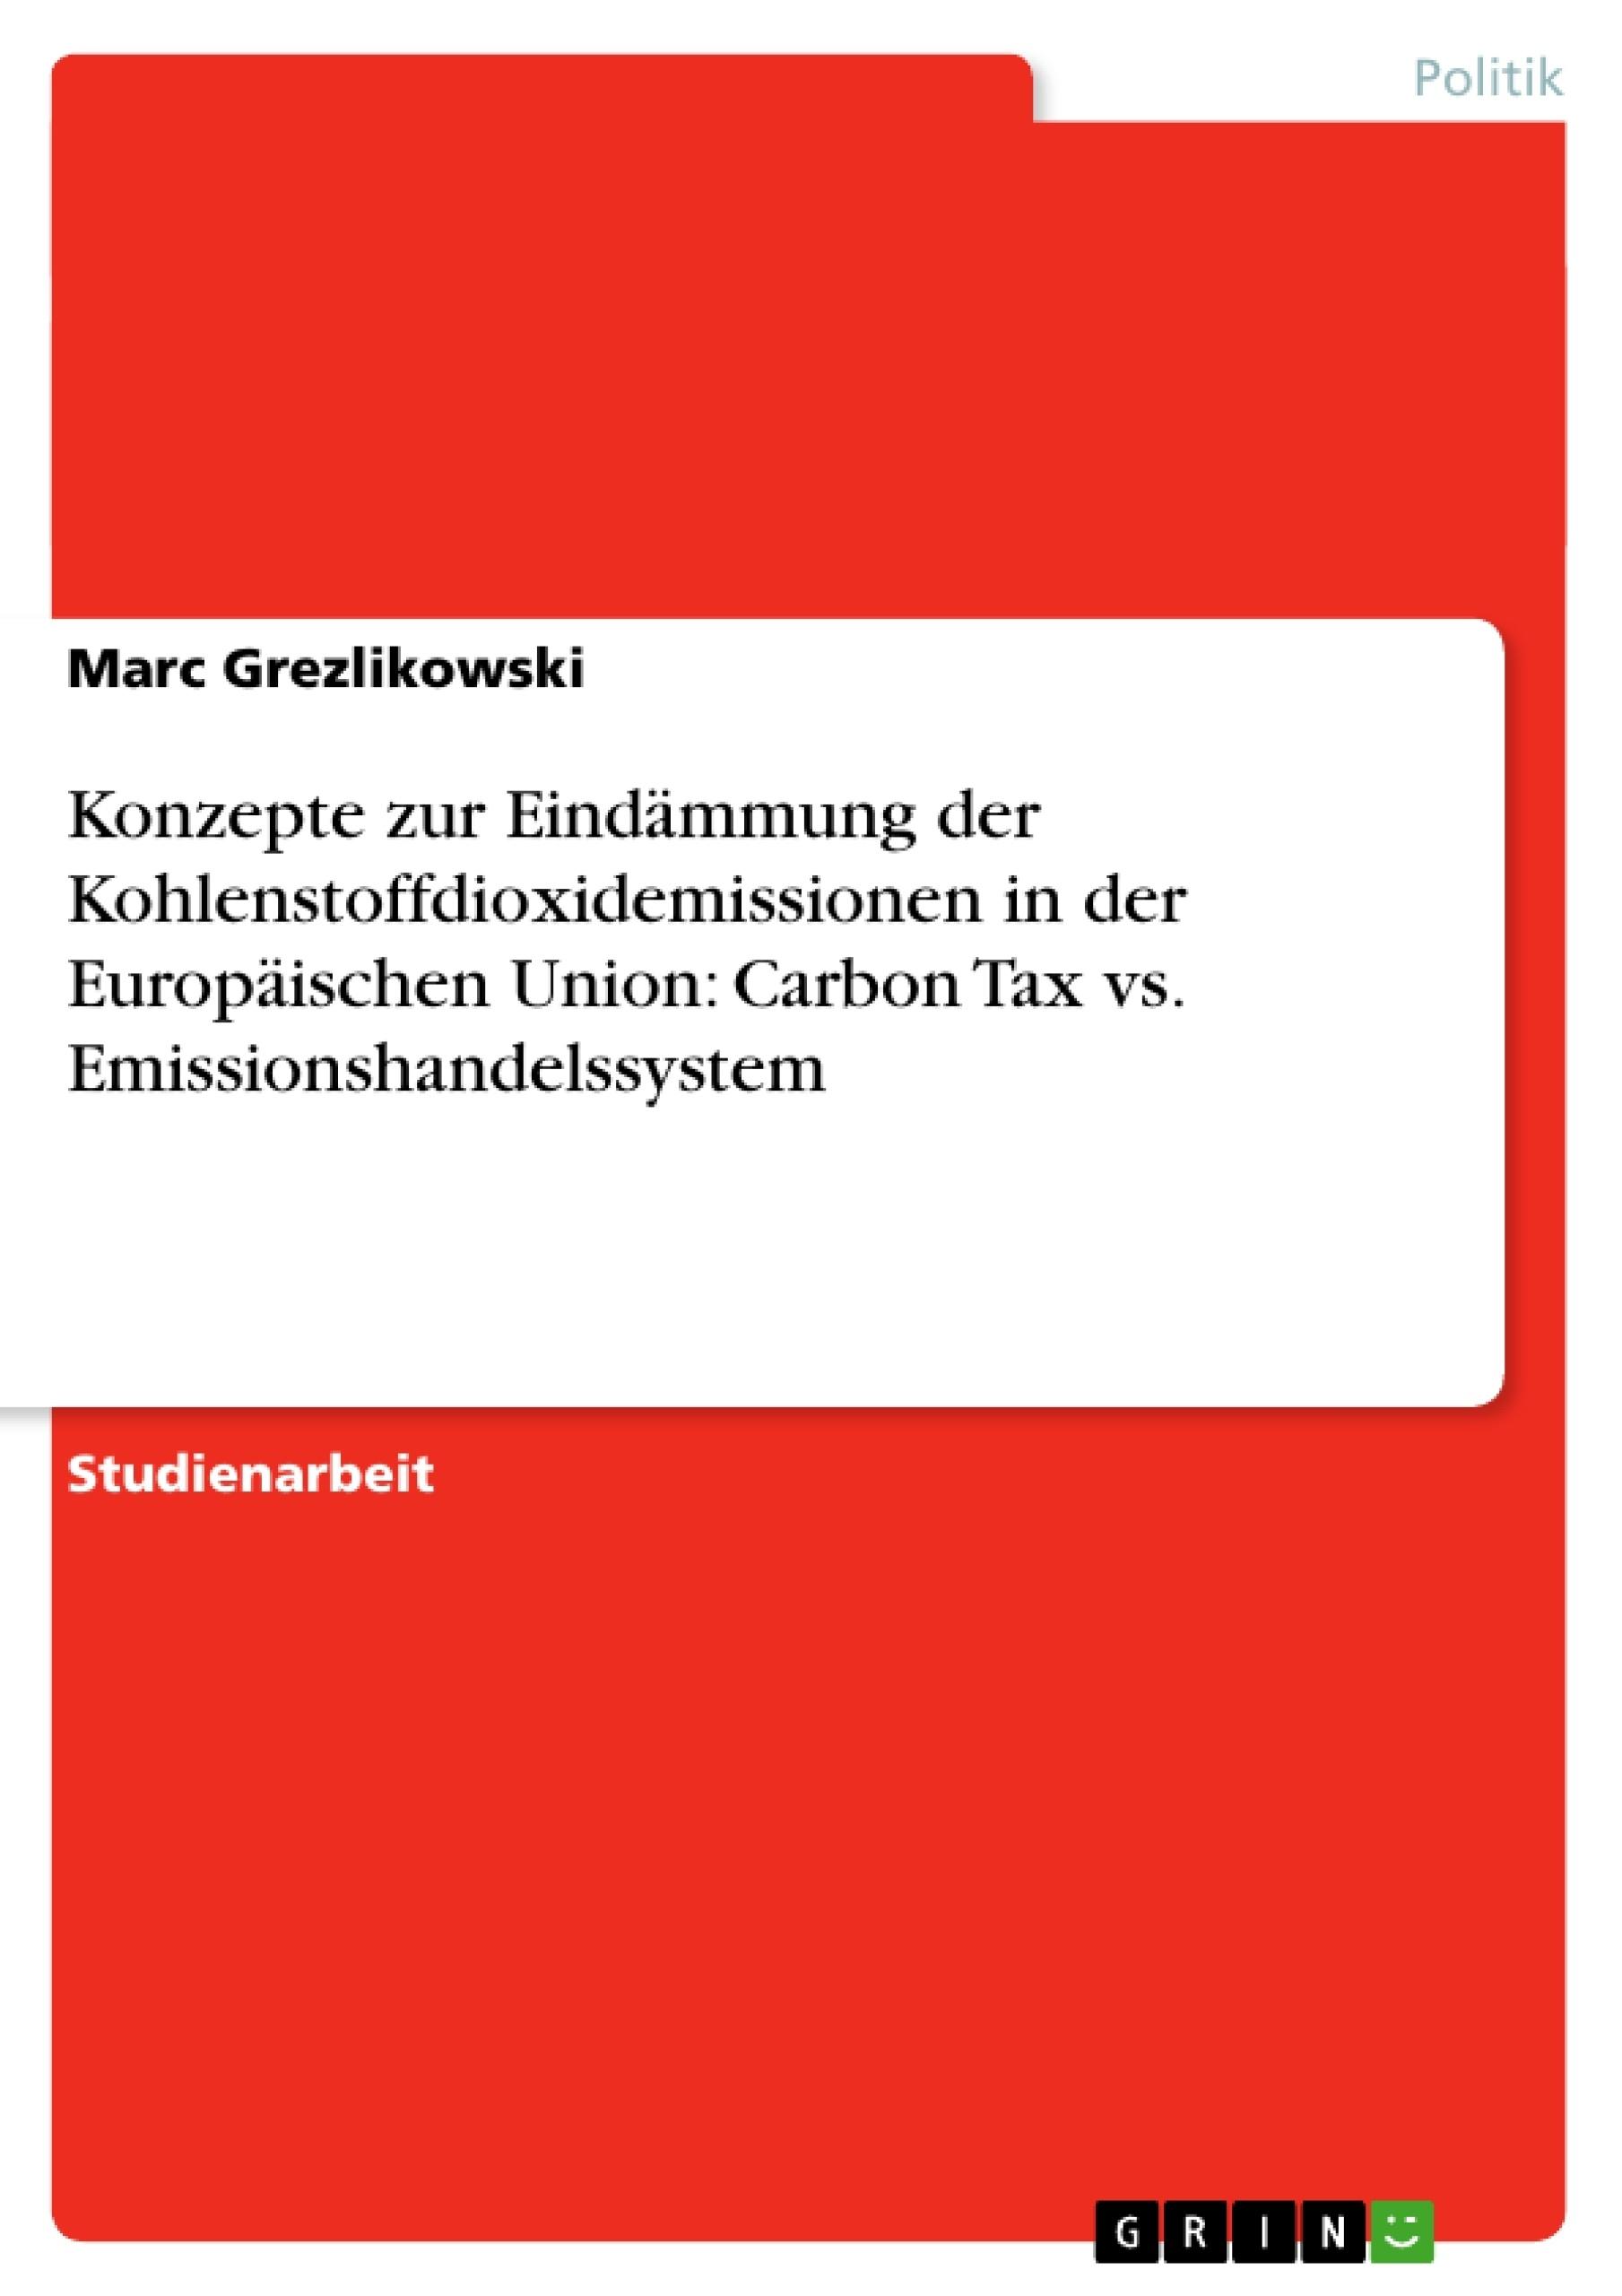 Titel: Konzepte zur Eindämmung der Kohlenstoffdioxidemissionen in der Europäischen Union: Carbon Tax vs. Emissionshandelssystem